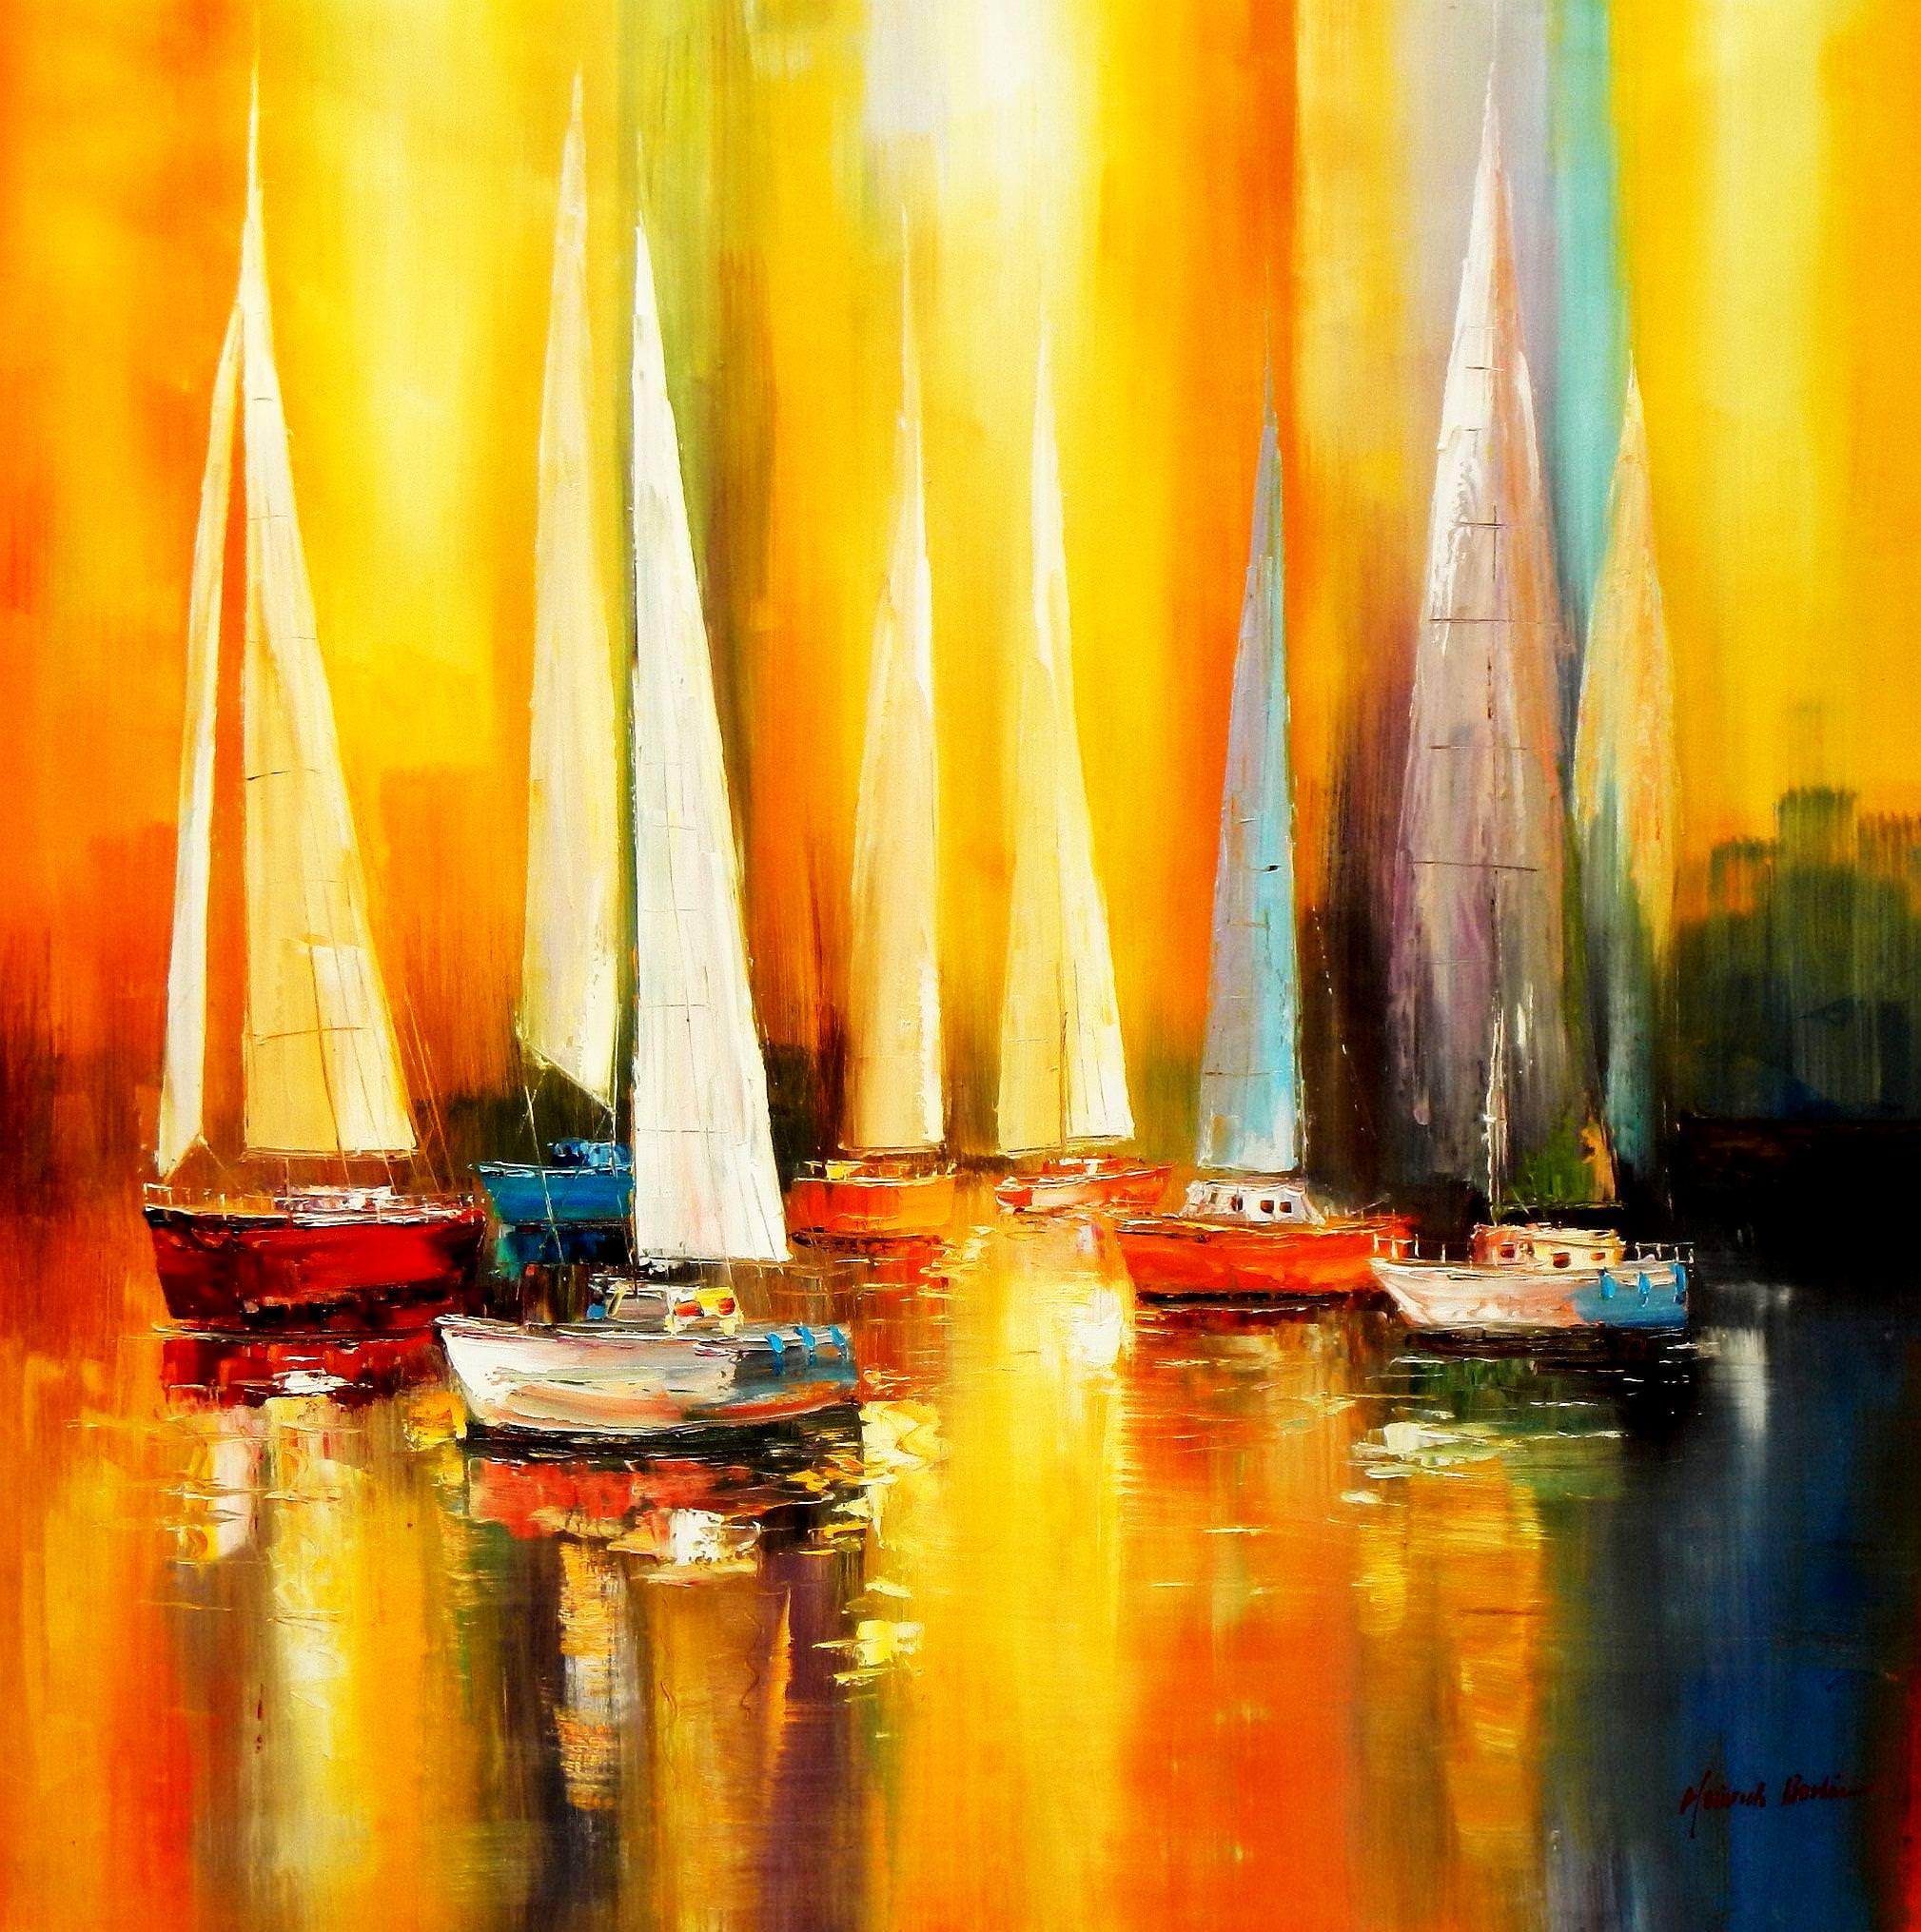 Segelboote auf dem Gardasee m93551 120x120cm modernes Gemälde handgemalt Museumsqualität